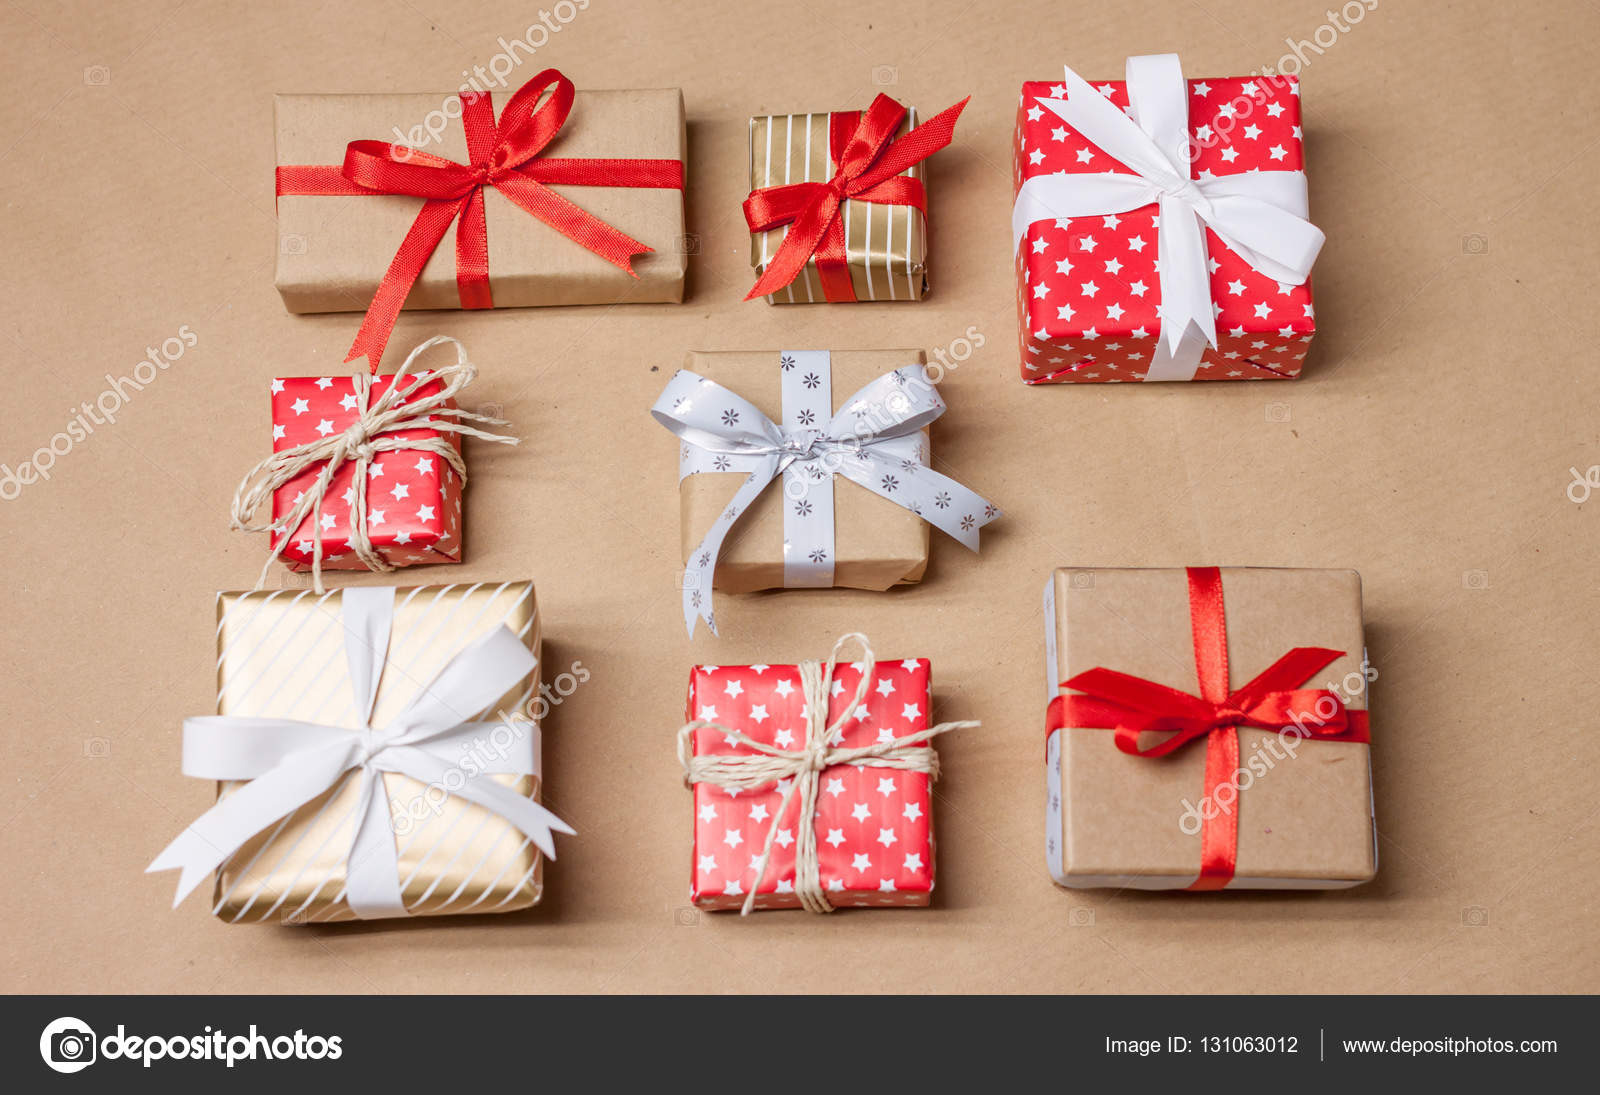 Weihnachtsgeschenke auf Handwerk Papier gelegt — Stockfoto ...